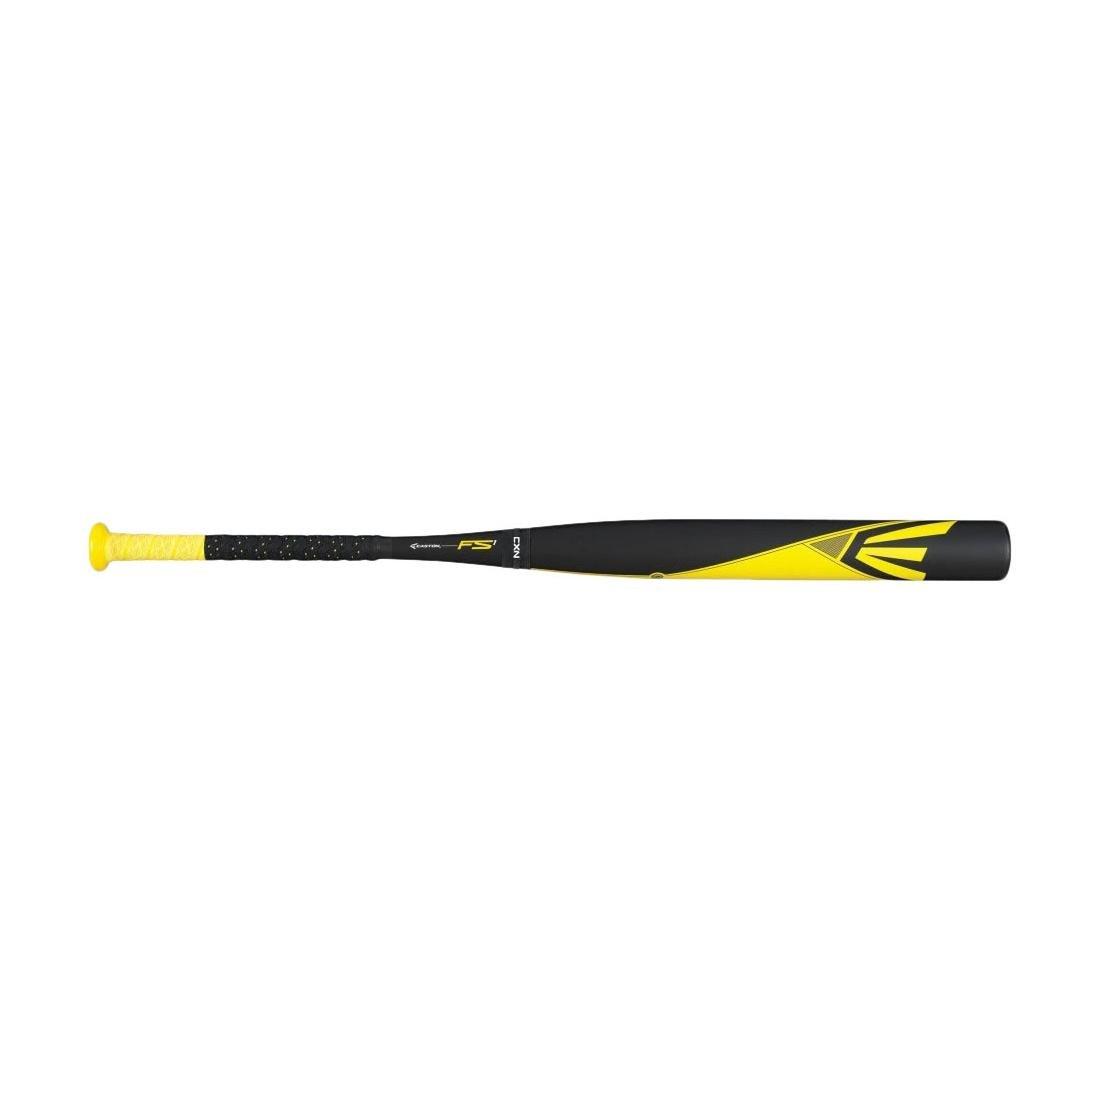 イーストンfs1 Fast Pitch Bat ,イエロー/ブラック/ミディアムイエロー、33